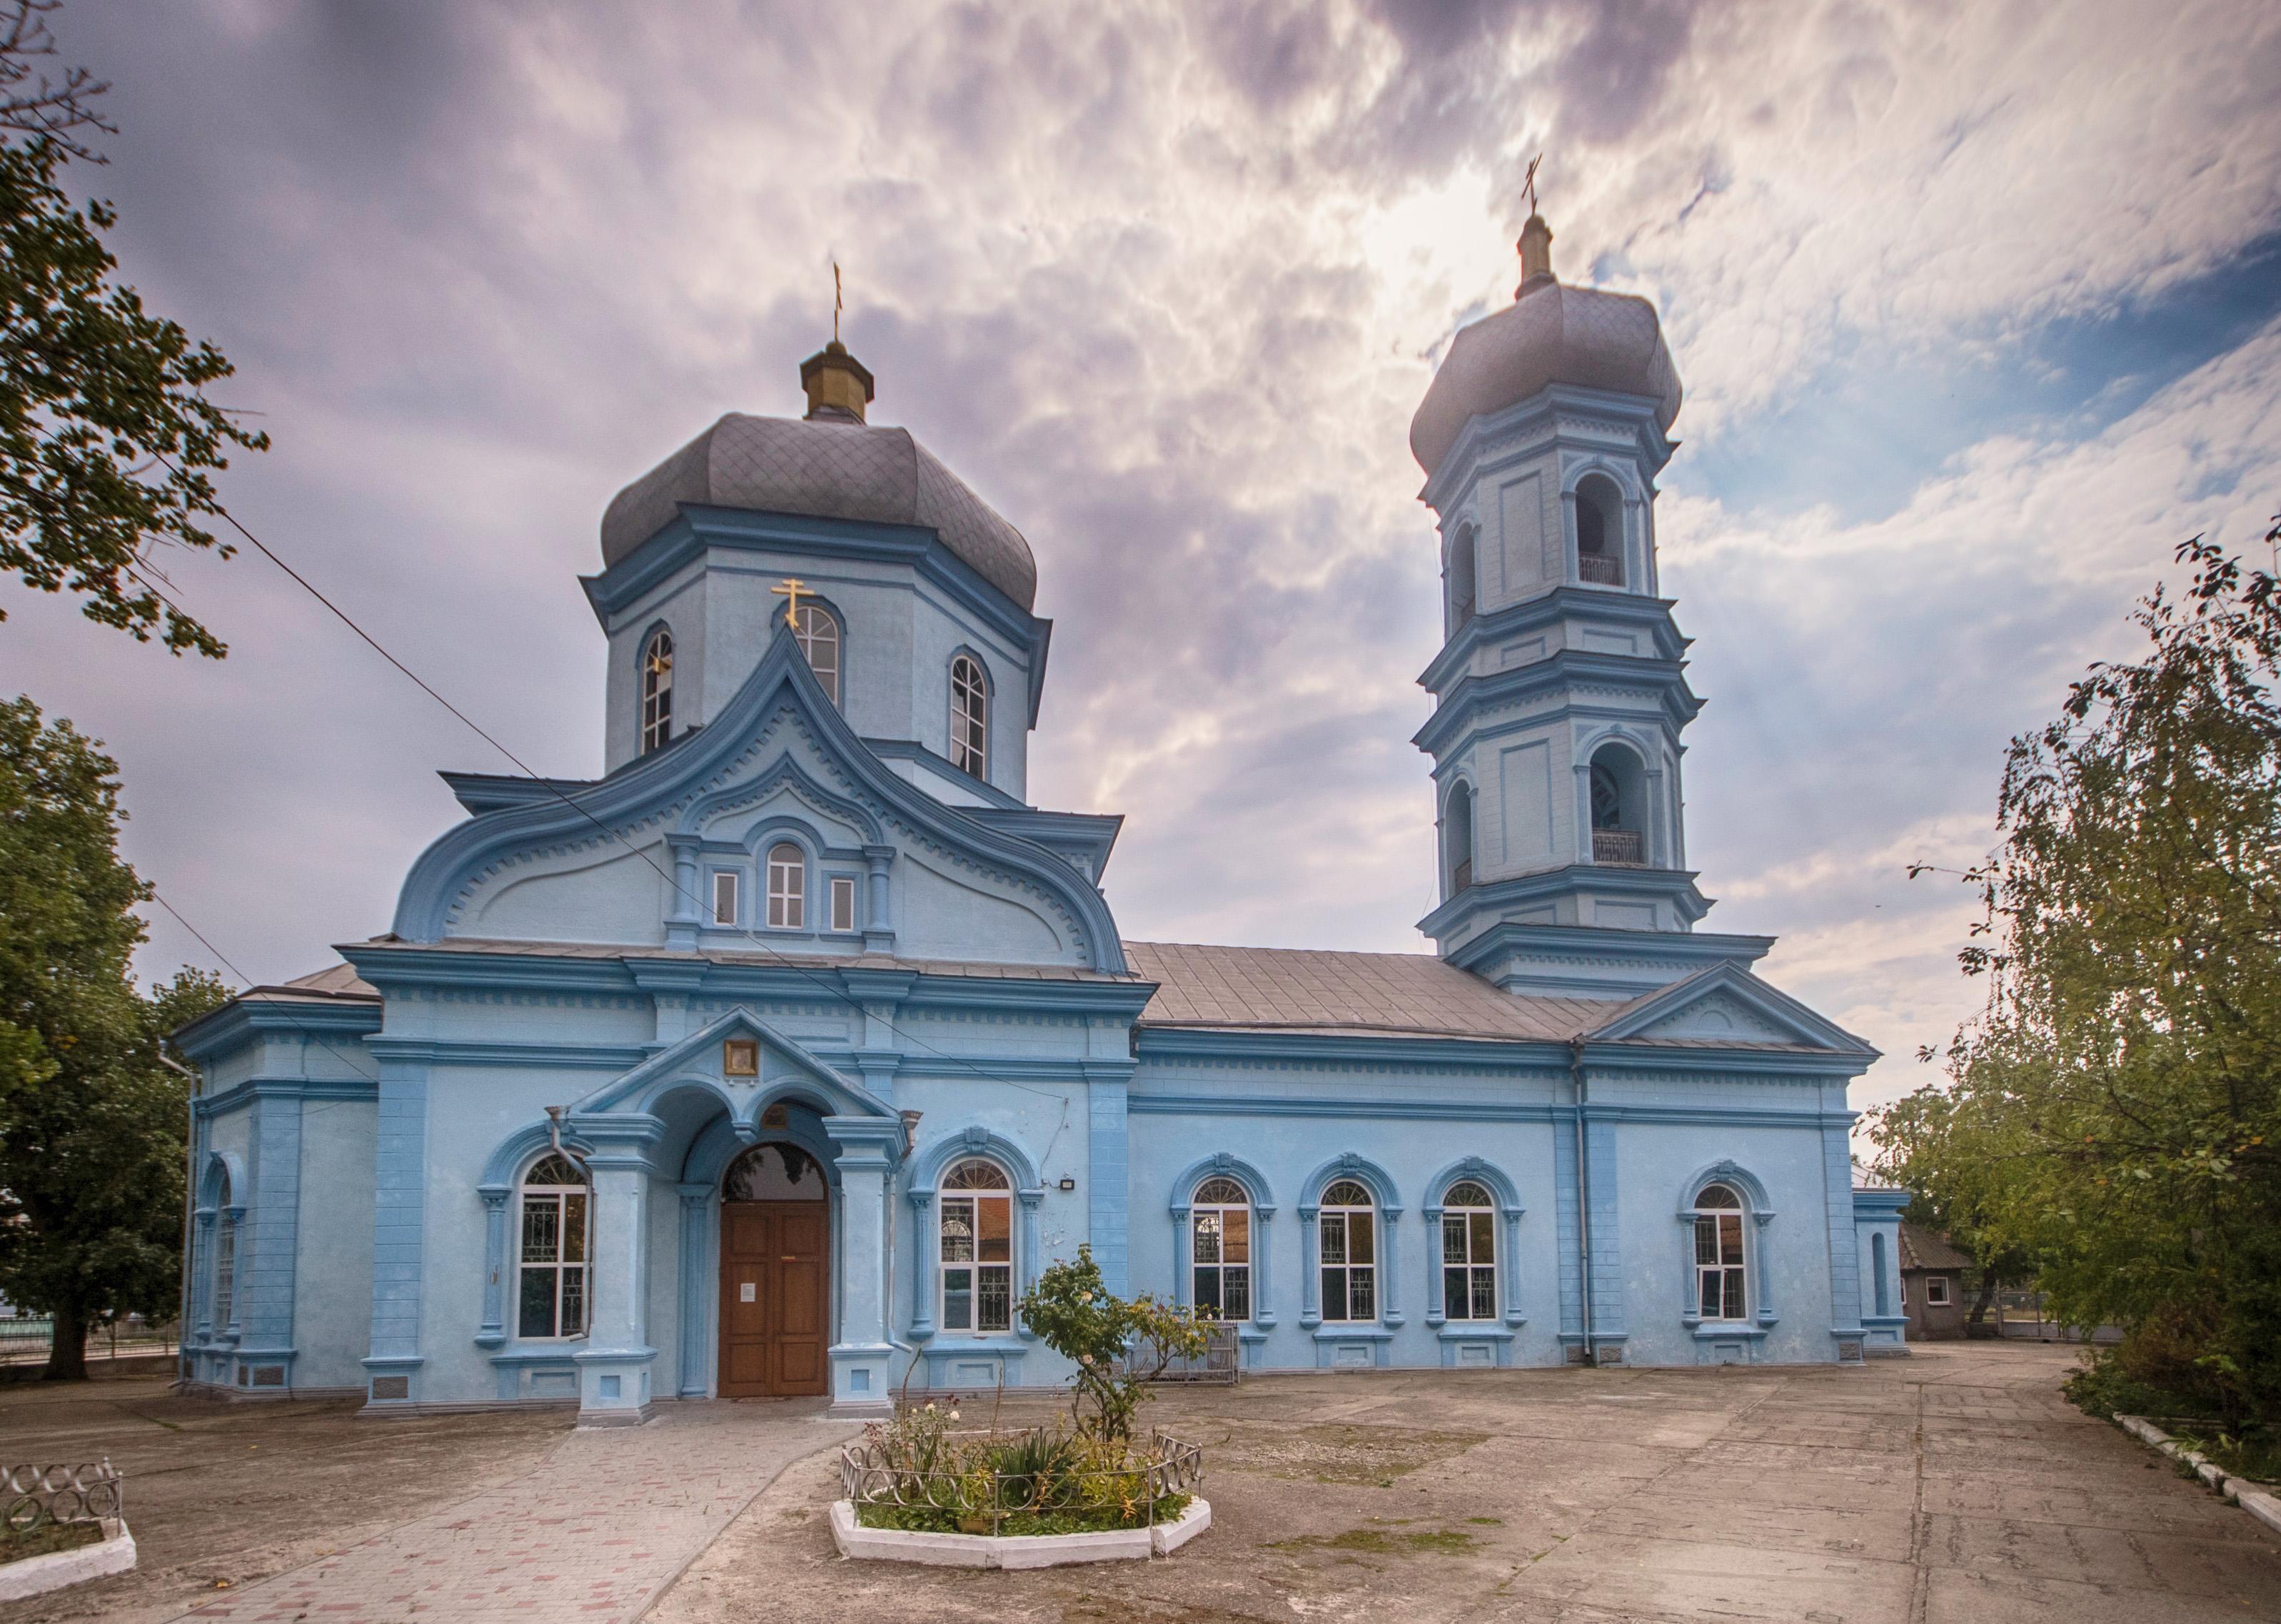 Никольская церковь (Вилково) — Википедия